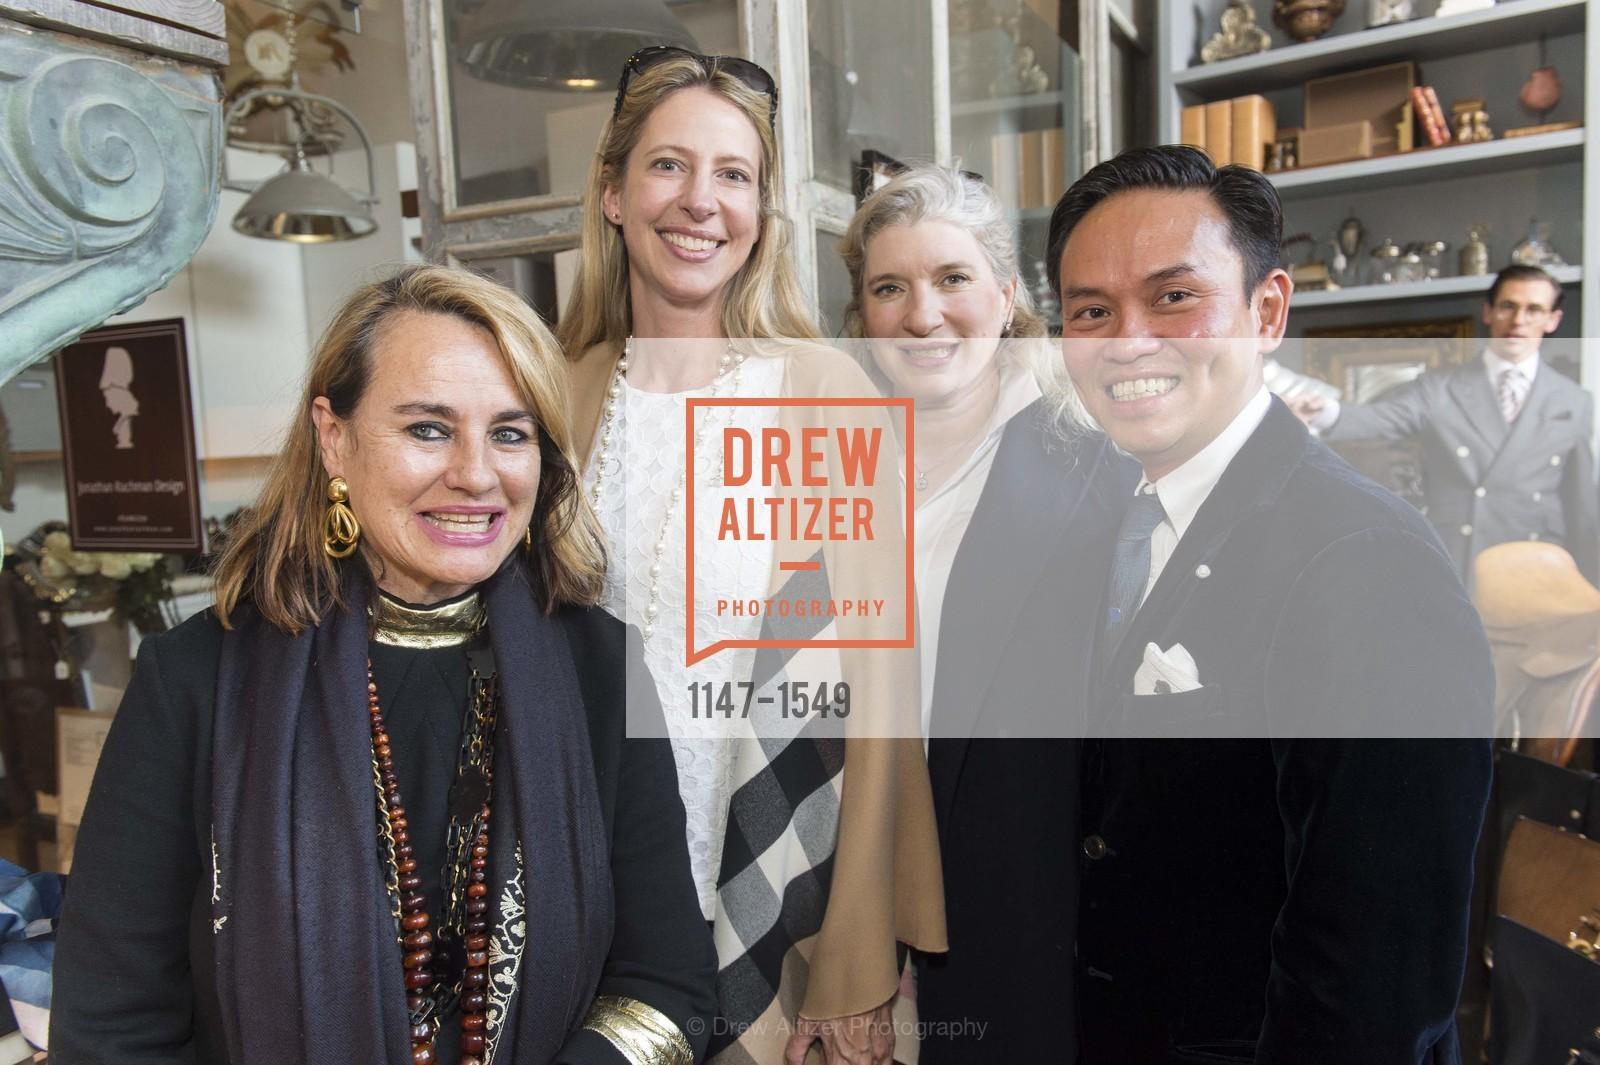 Susie Hoimes, Allison Crawford, Linda Kitzel, Jonathan Rachman, Photo #1147-1549